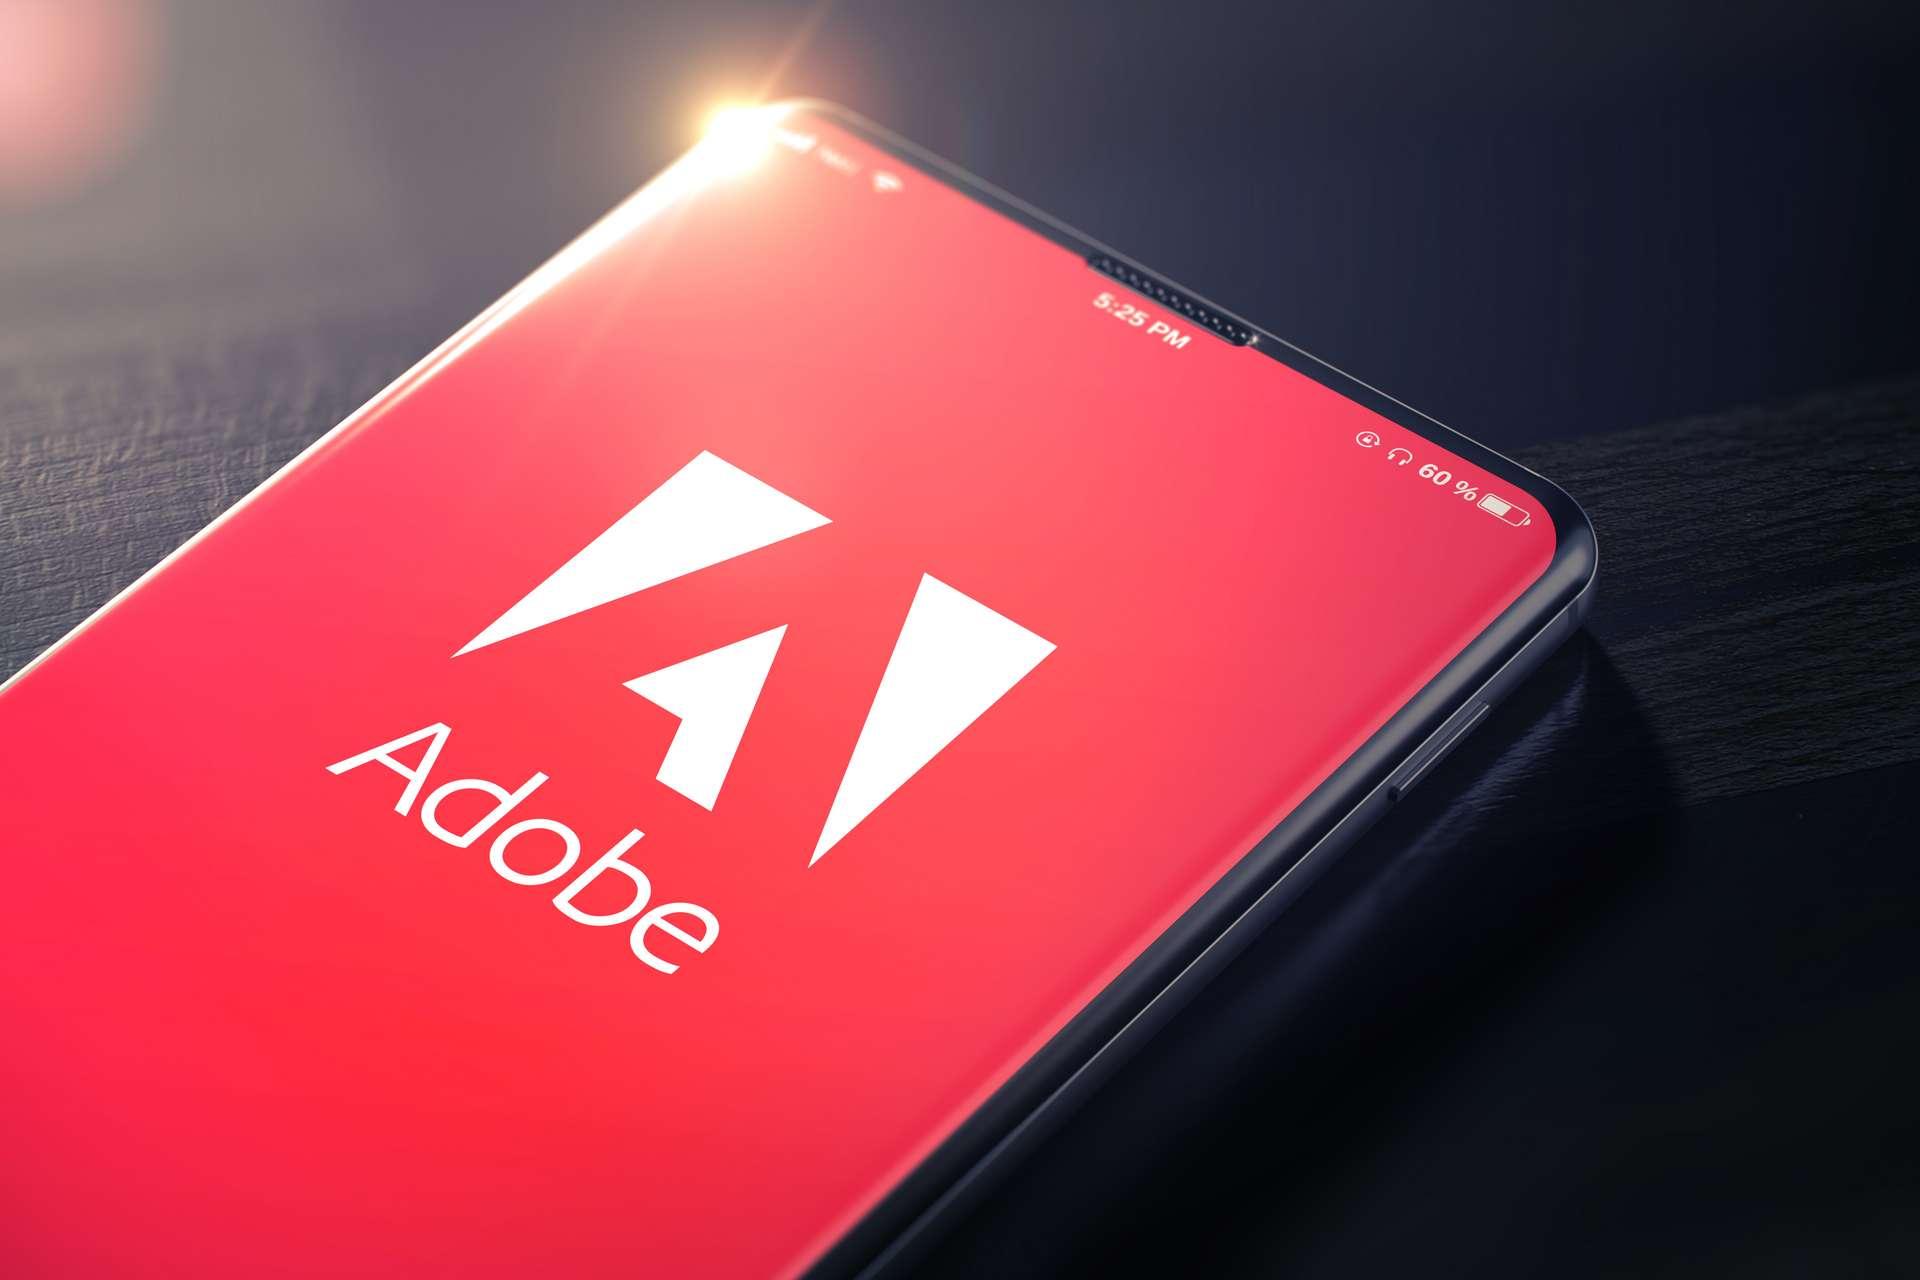 Profitez d'une promotion exceptionnelle sur Adobe Creative Cloud © tashatuvango, Adobe Stock